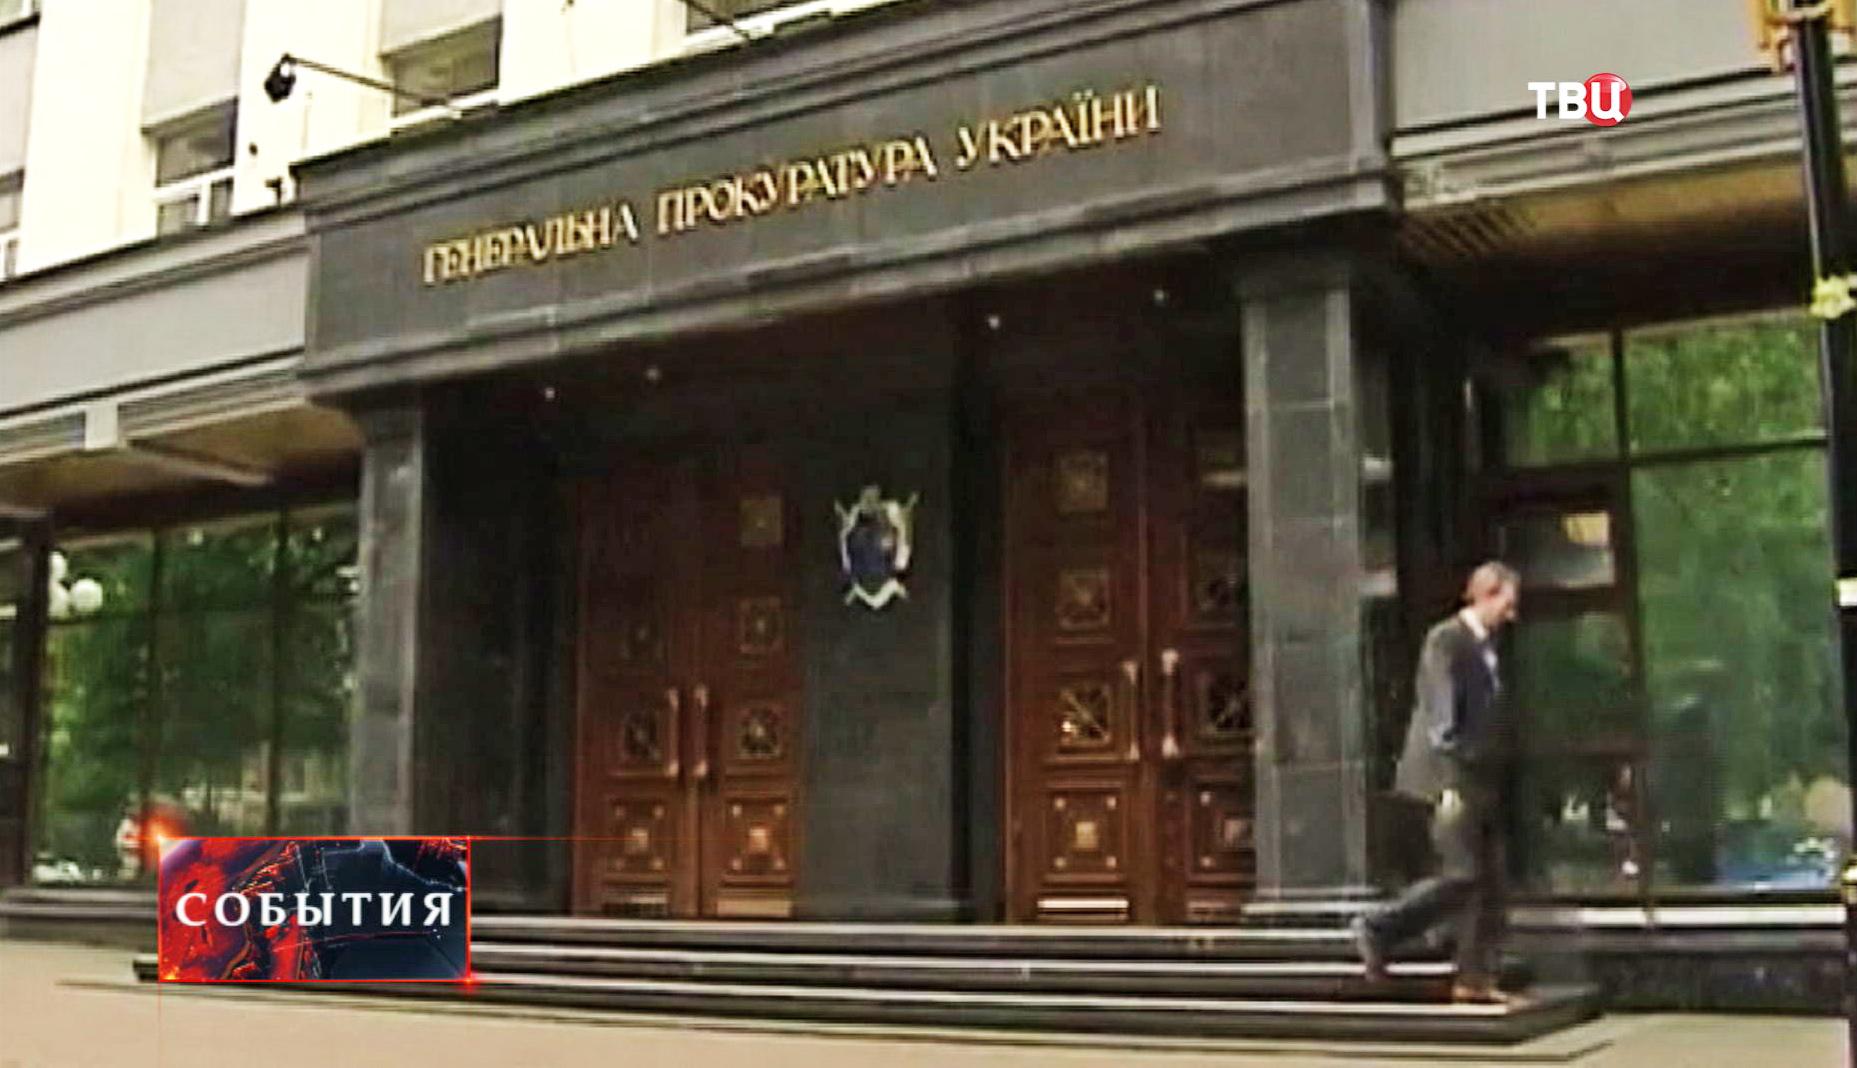 Генеральная прокуратура Украины